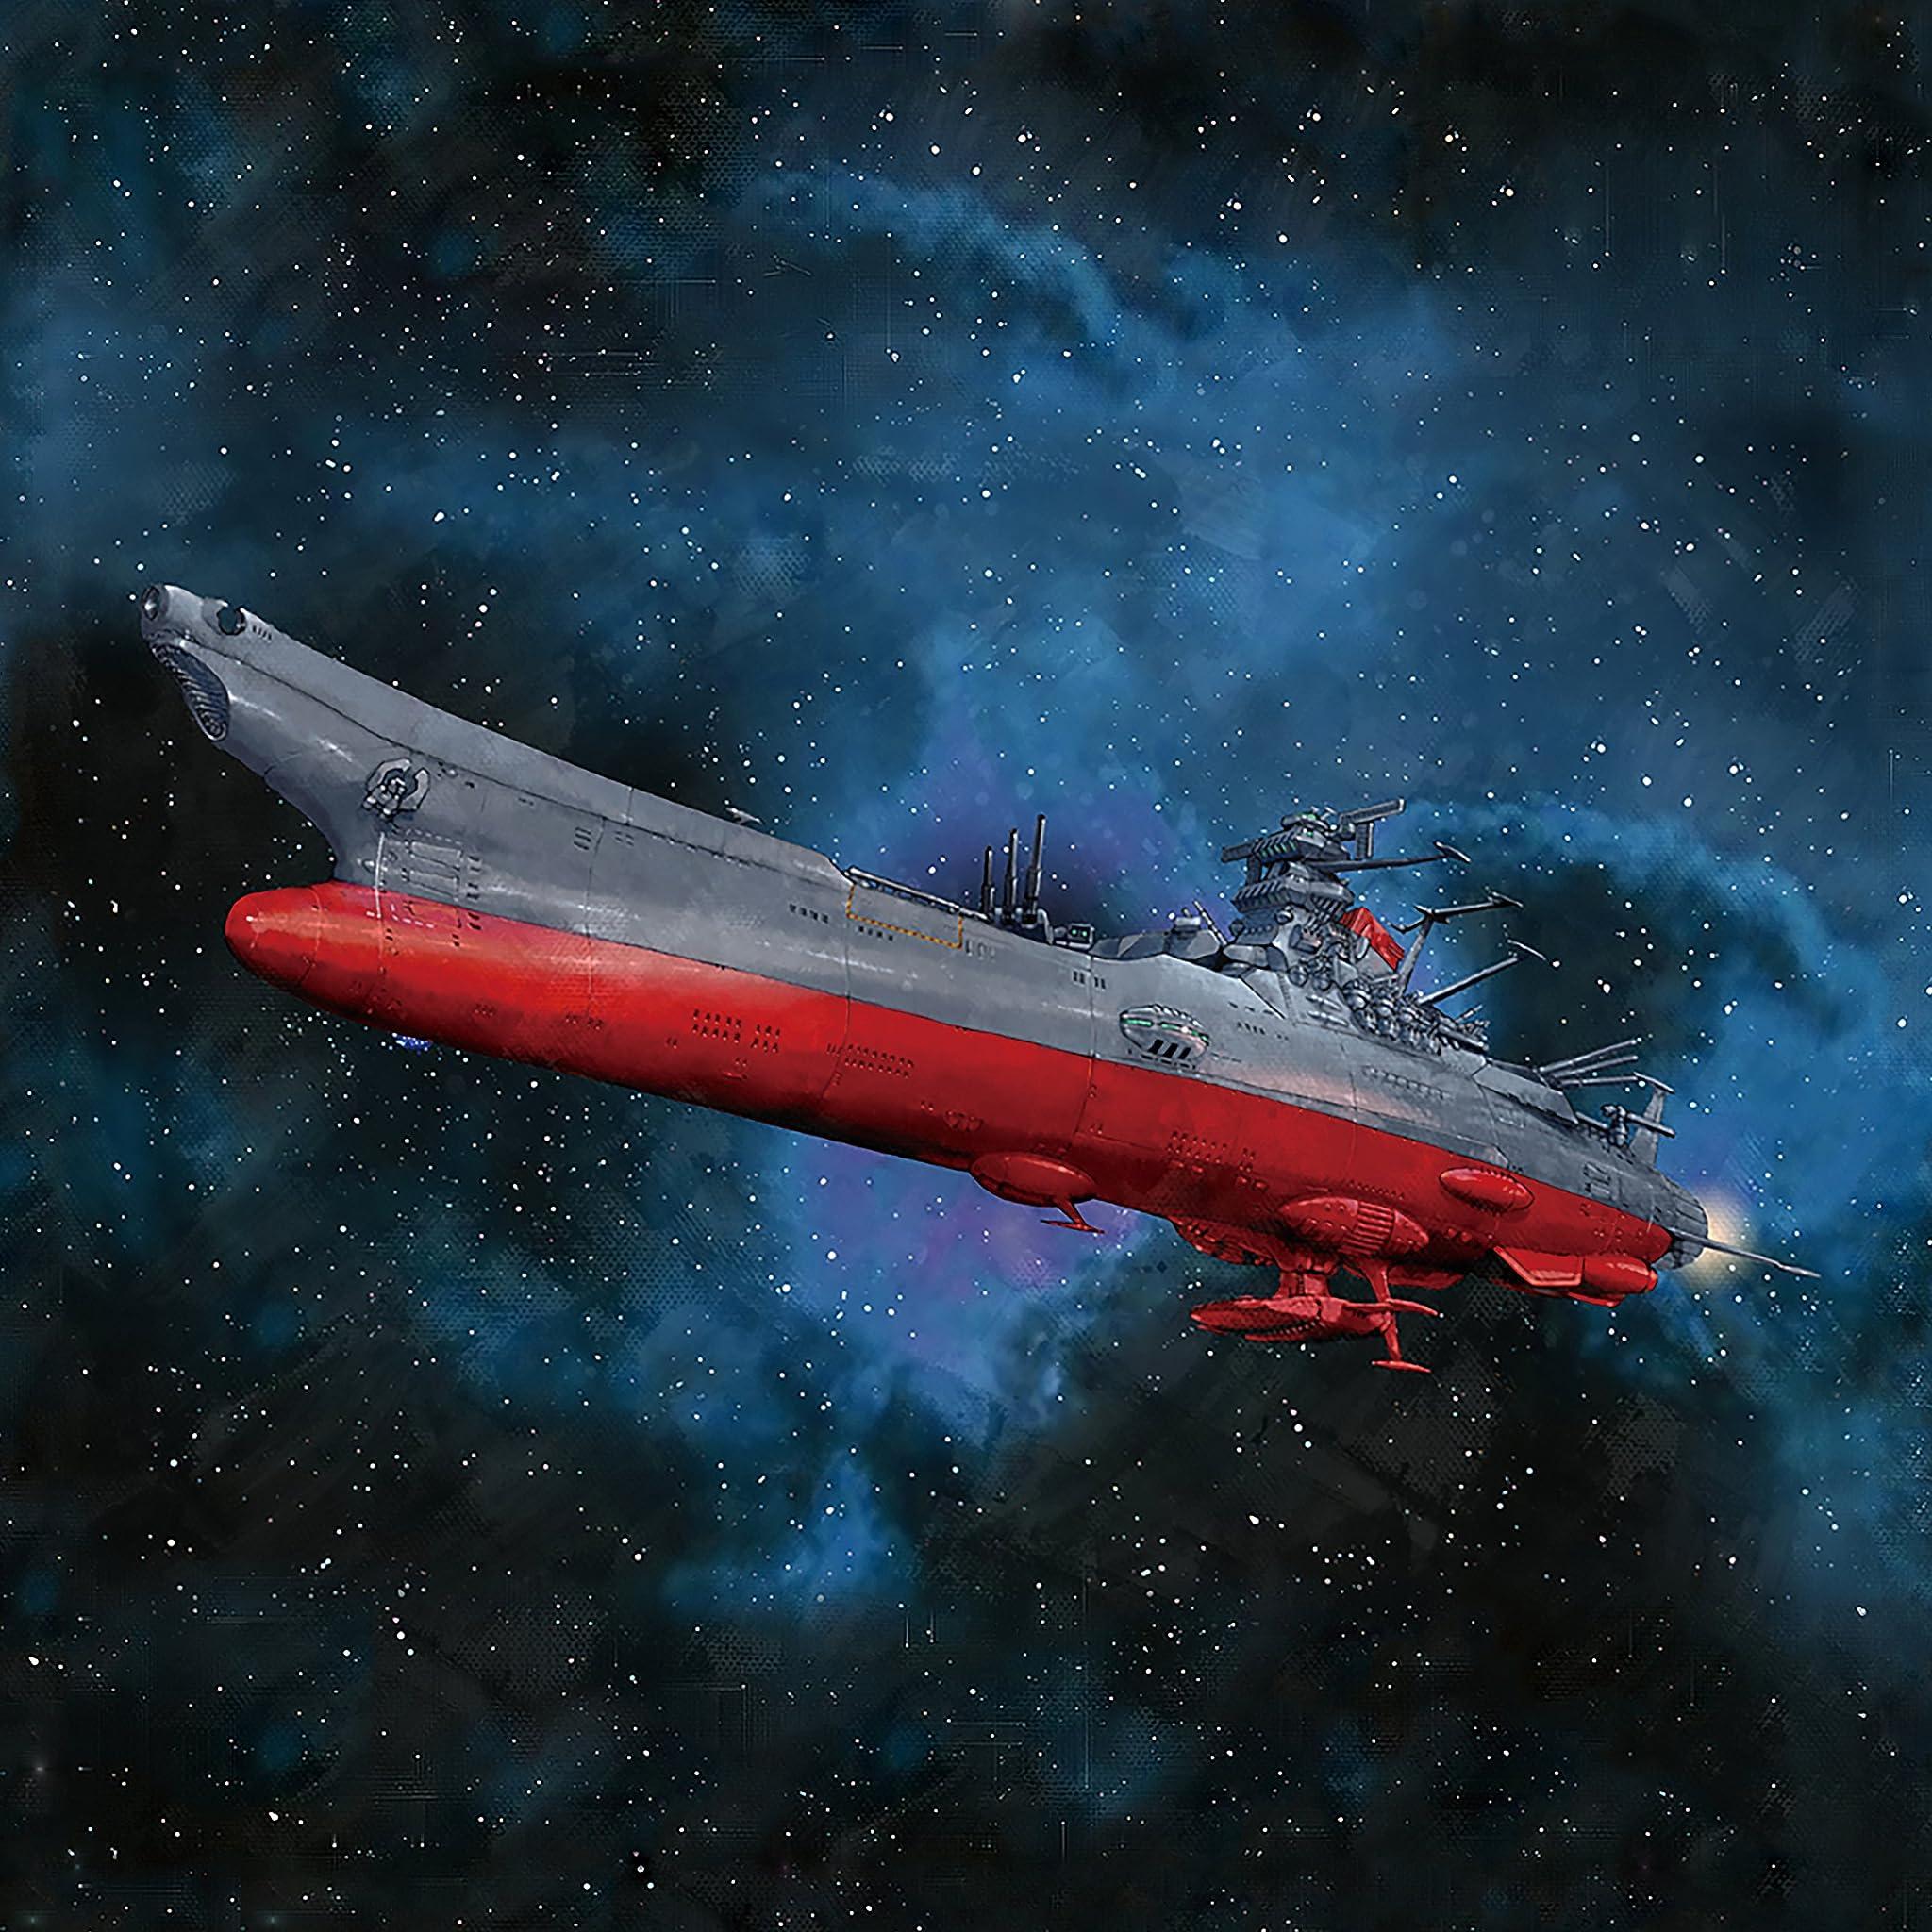 宇宙戦艦ヤマトの画像 原寸画像検索